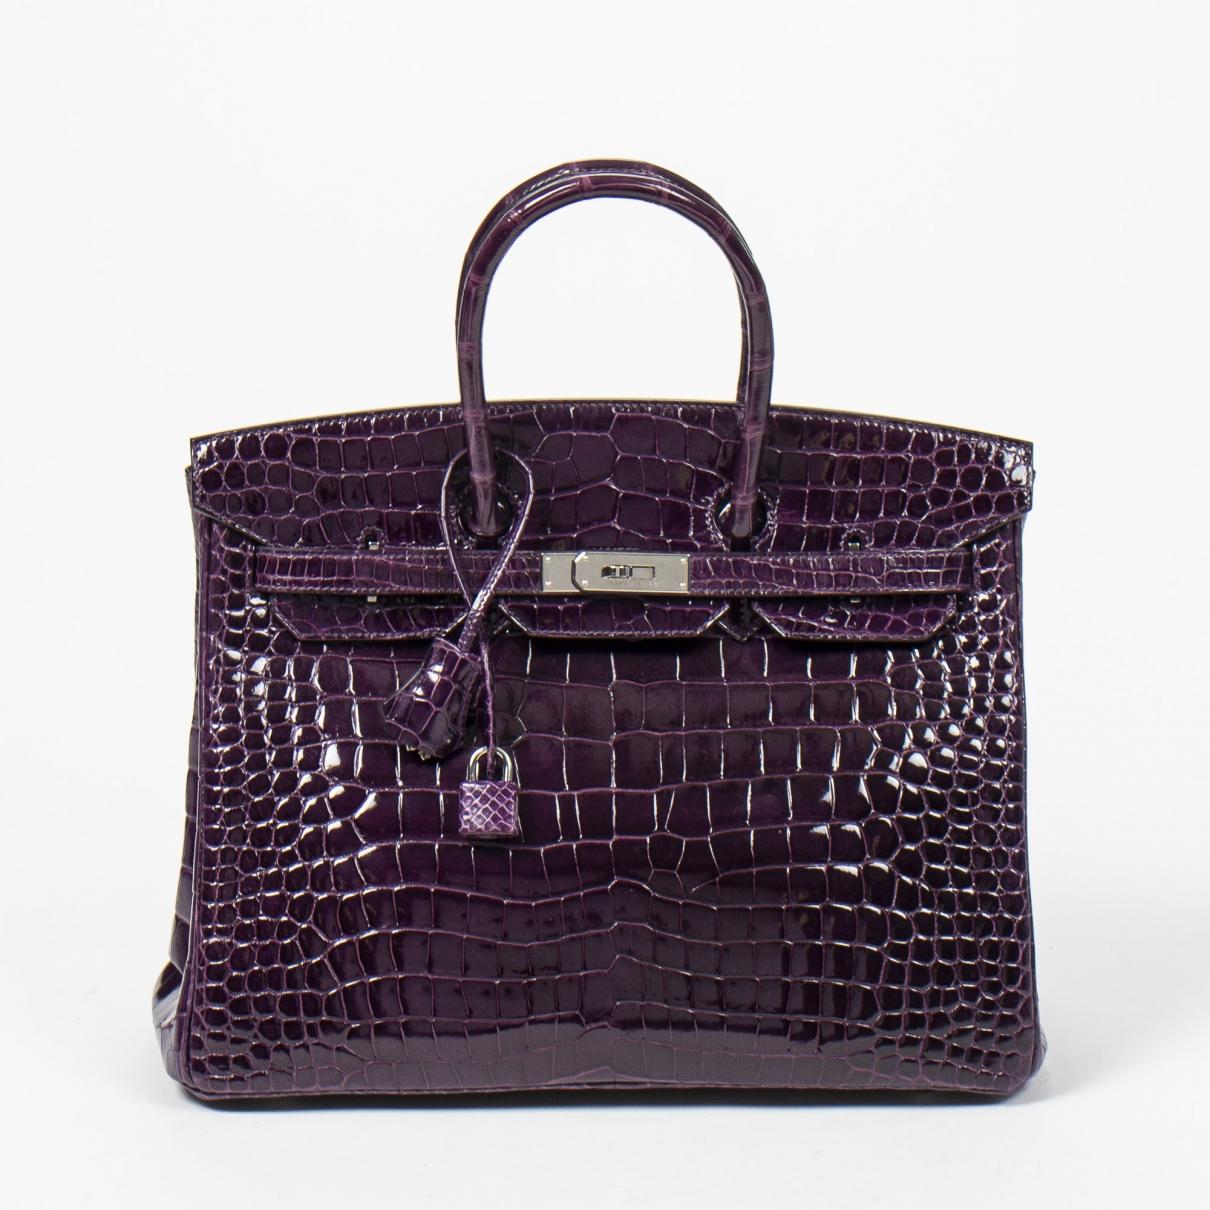 Hermes Birkin 35 Handtasche in Leder